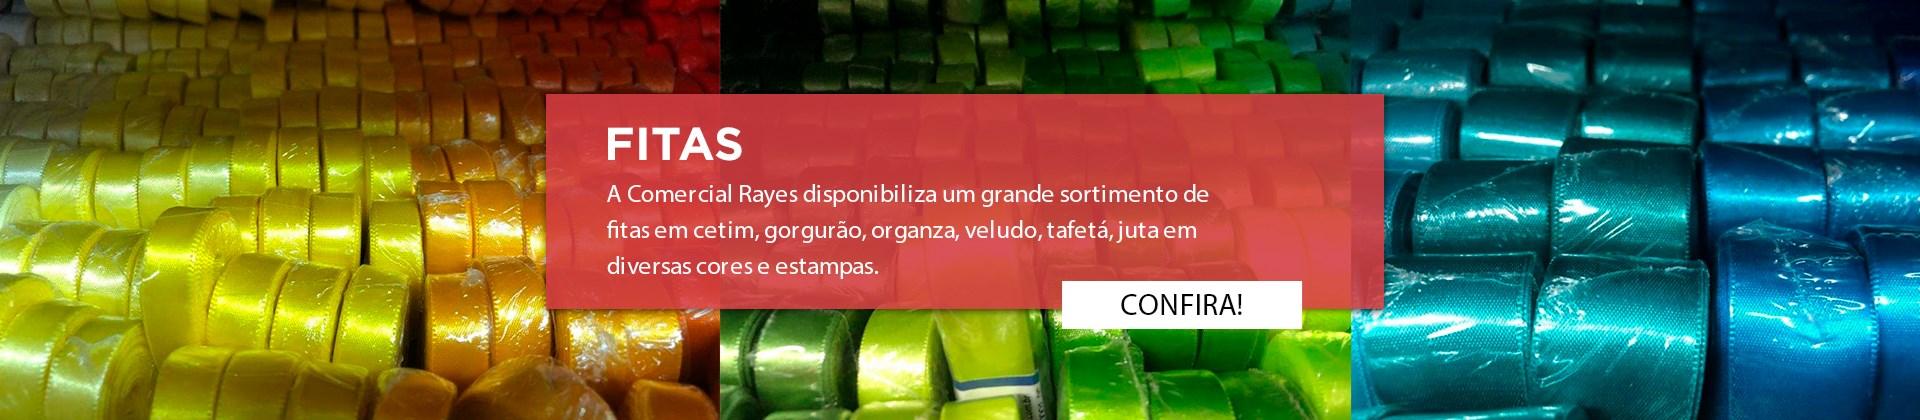 A Rayes Comercial disponibiliza um grande sortimento de fitas em cetim, gorgurão, organza, veludo, tafetá, juta em diversas cores e estampas.